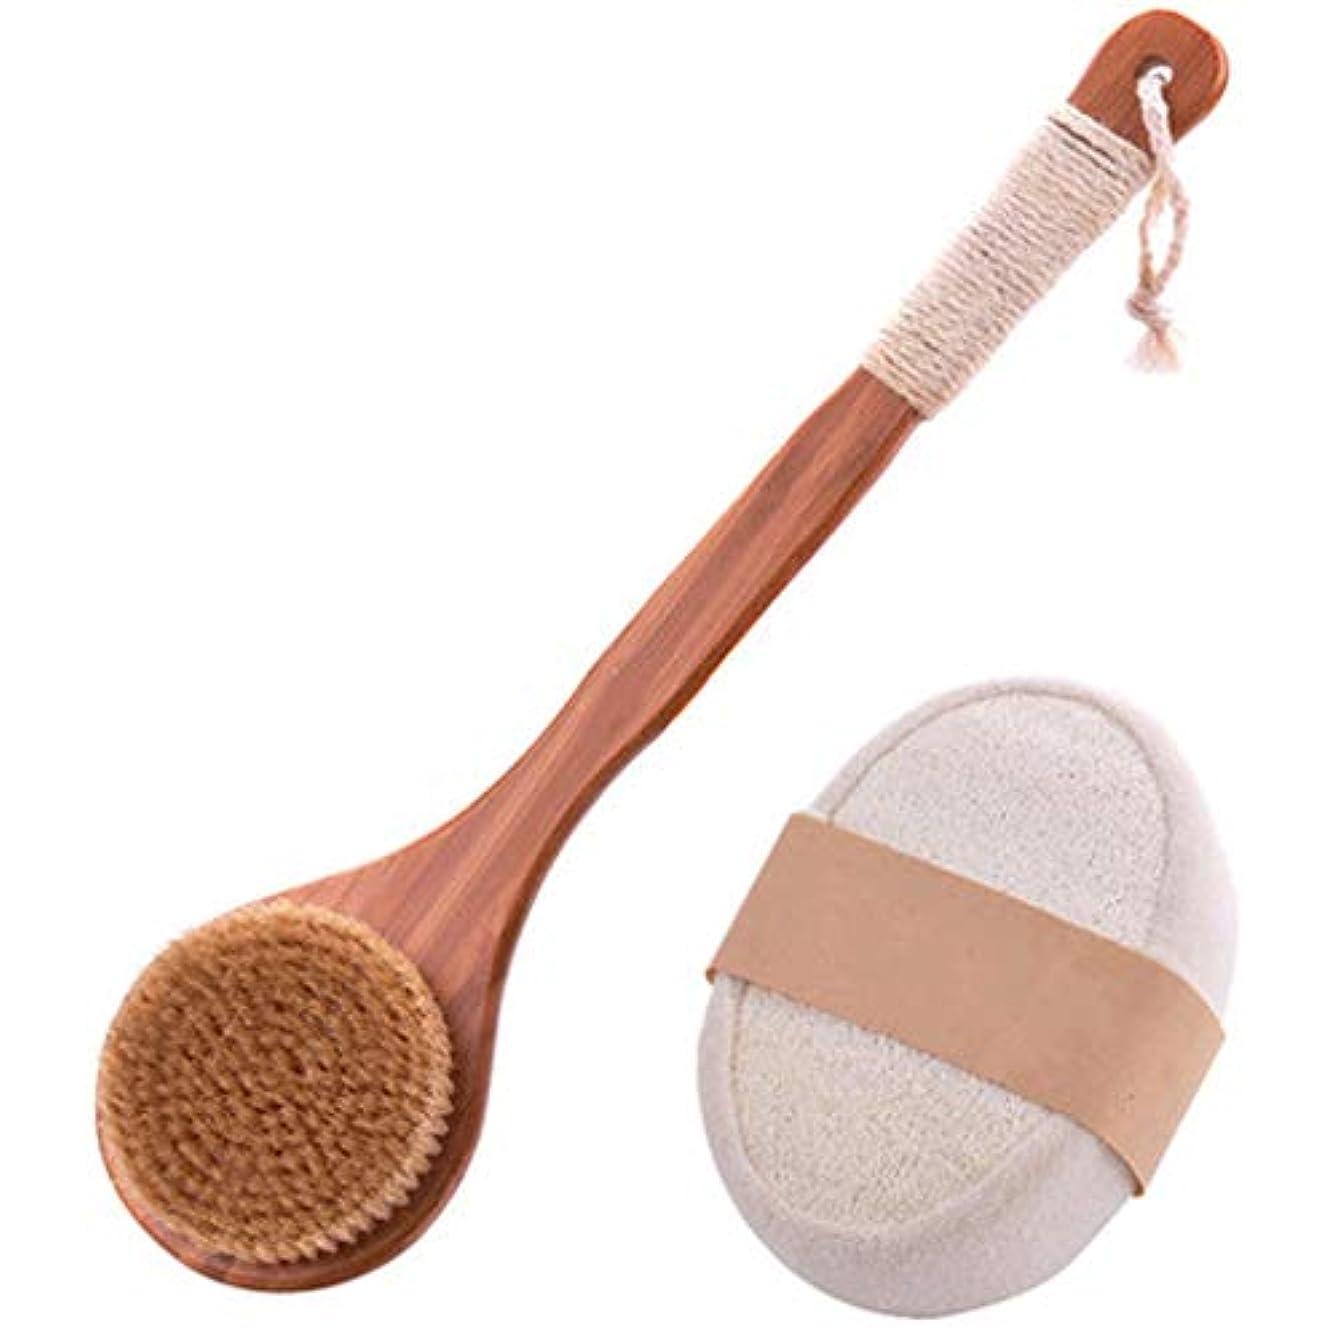 マイルストーン依存する胆嚢バスブラシバックブラシロングハンドルやわらかい毛髪バスブラシバスブラシ角質除去クリーニングブラシ (Color : A)